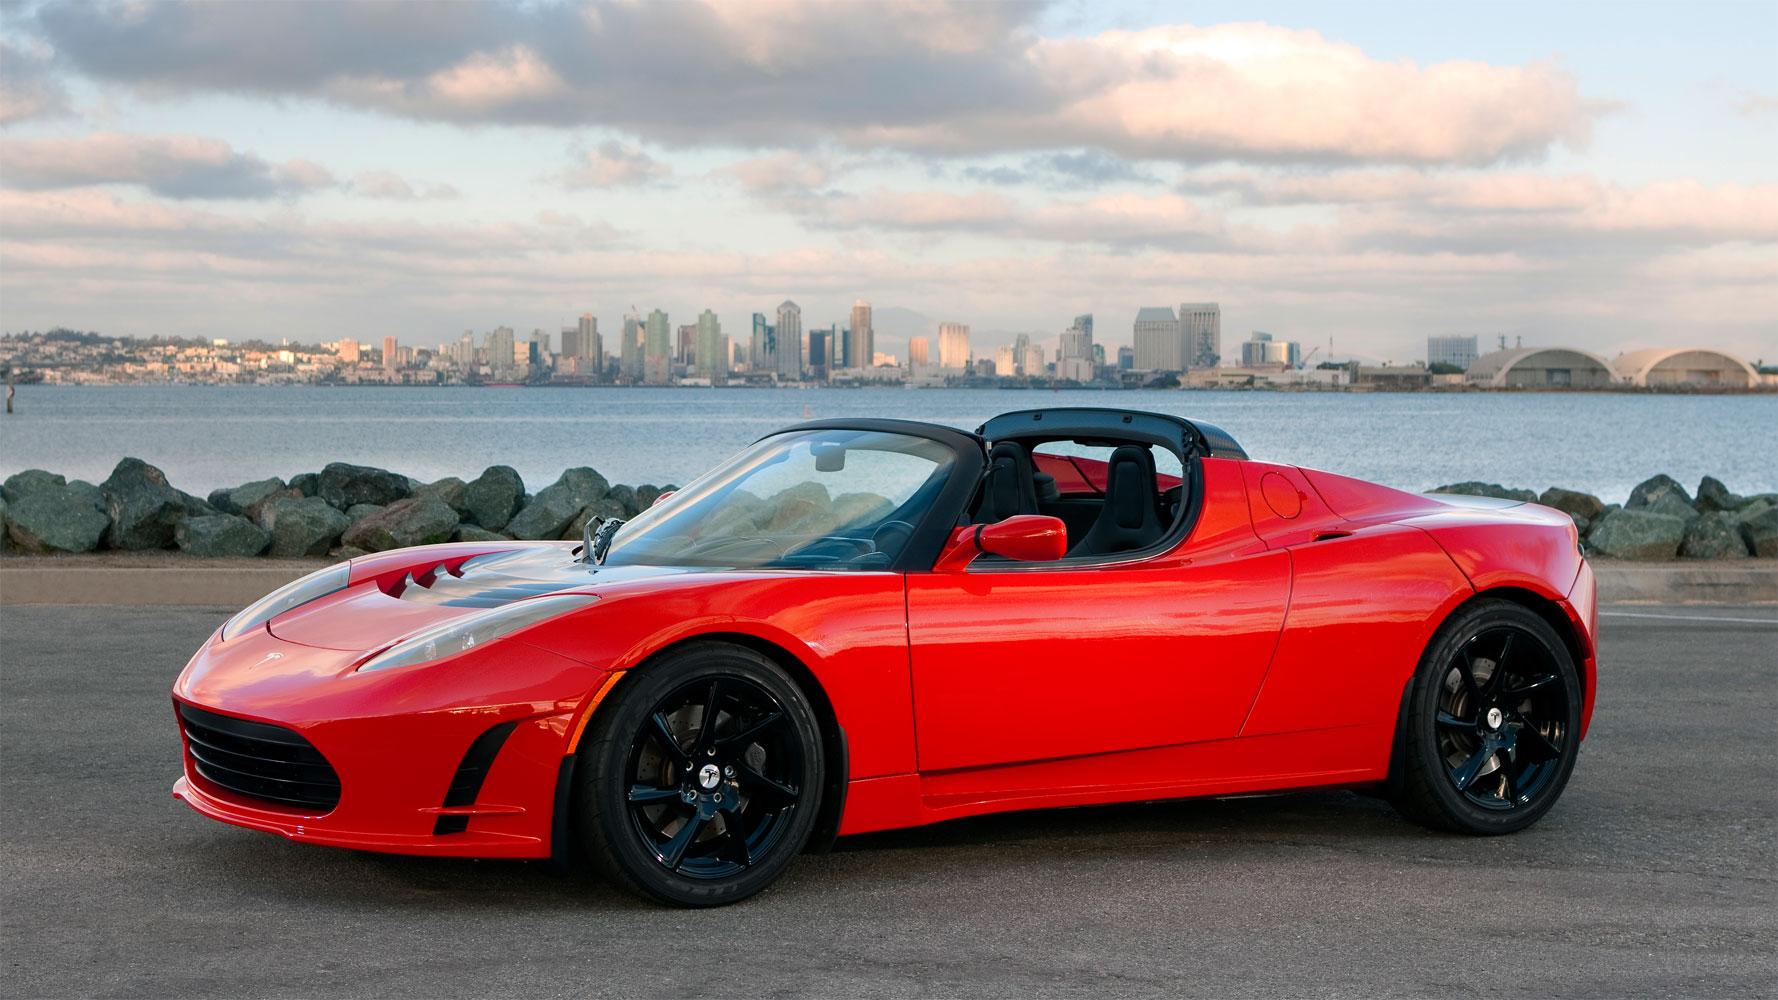 Plant BYD einen Roadster Konkurrenten für 2014?